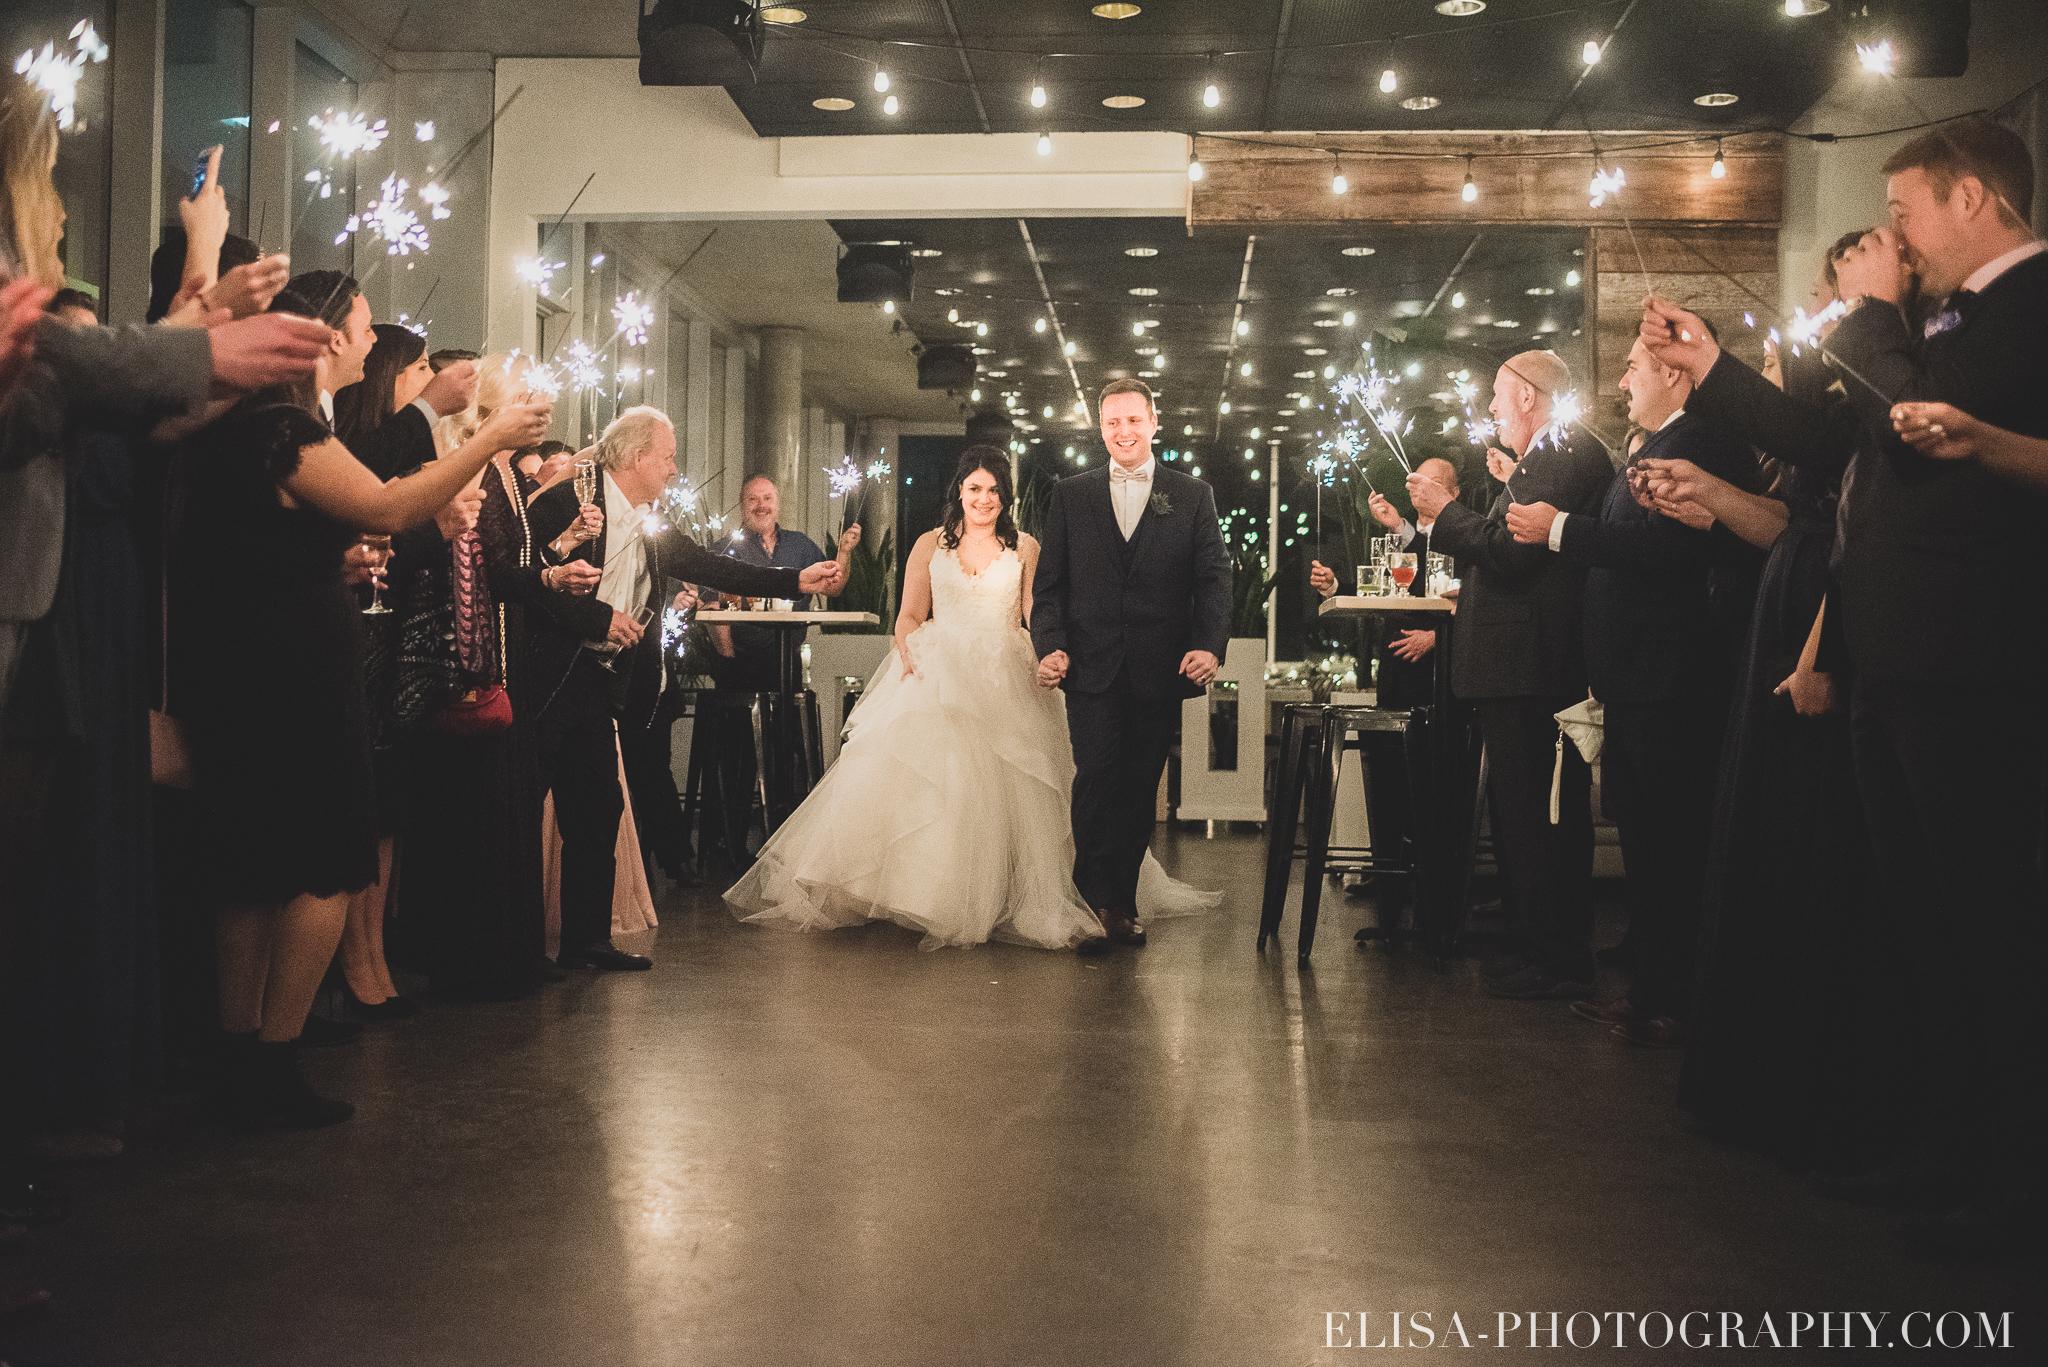 photo mariage hiver salle quai cap blanc port quebec first danse feux bengales maries sparklers 3425 - Un chaleureux mariage hivernal à la salle du Quai du Cap Blanc, Québec